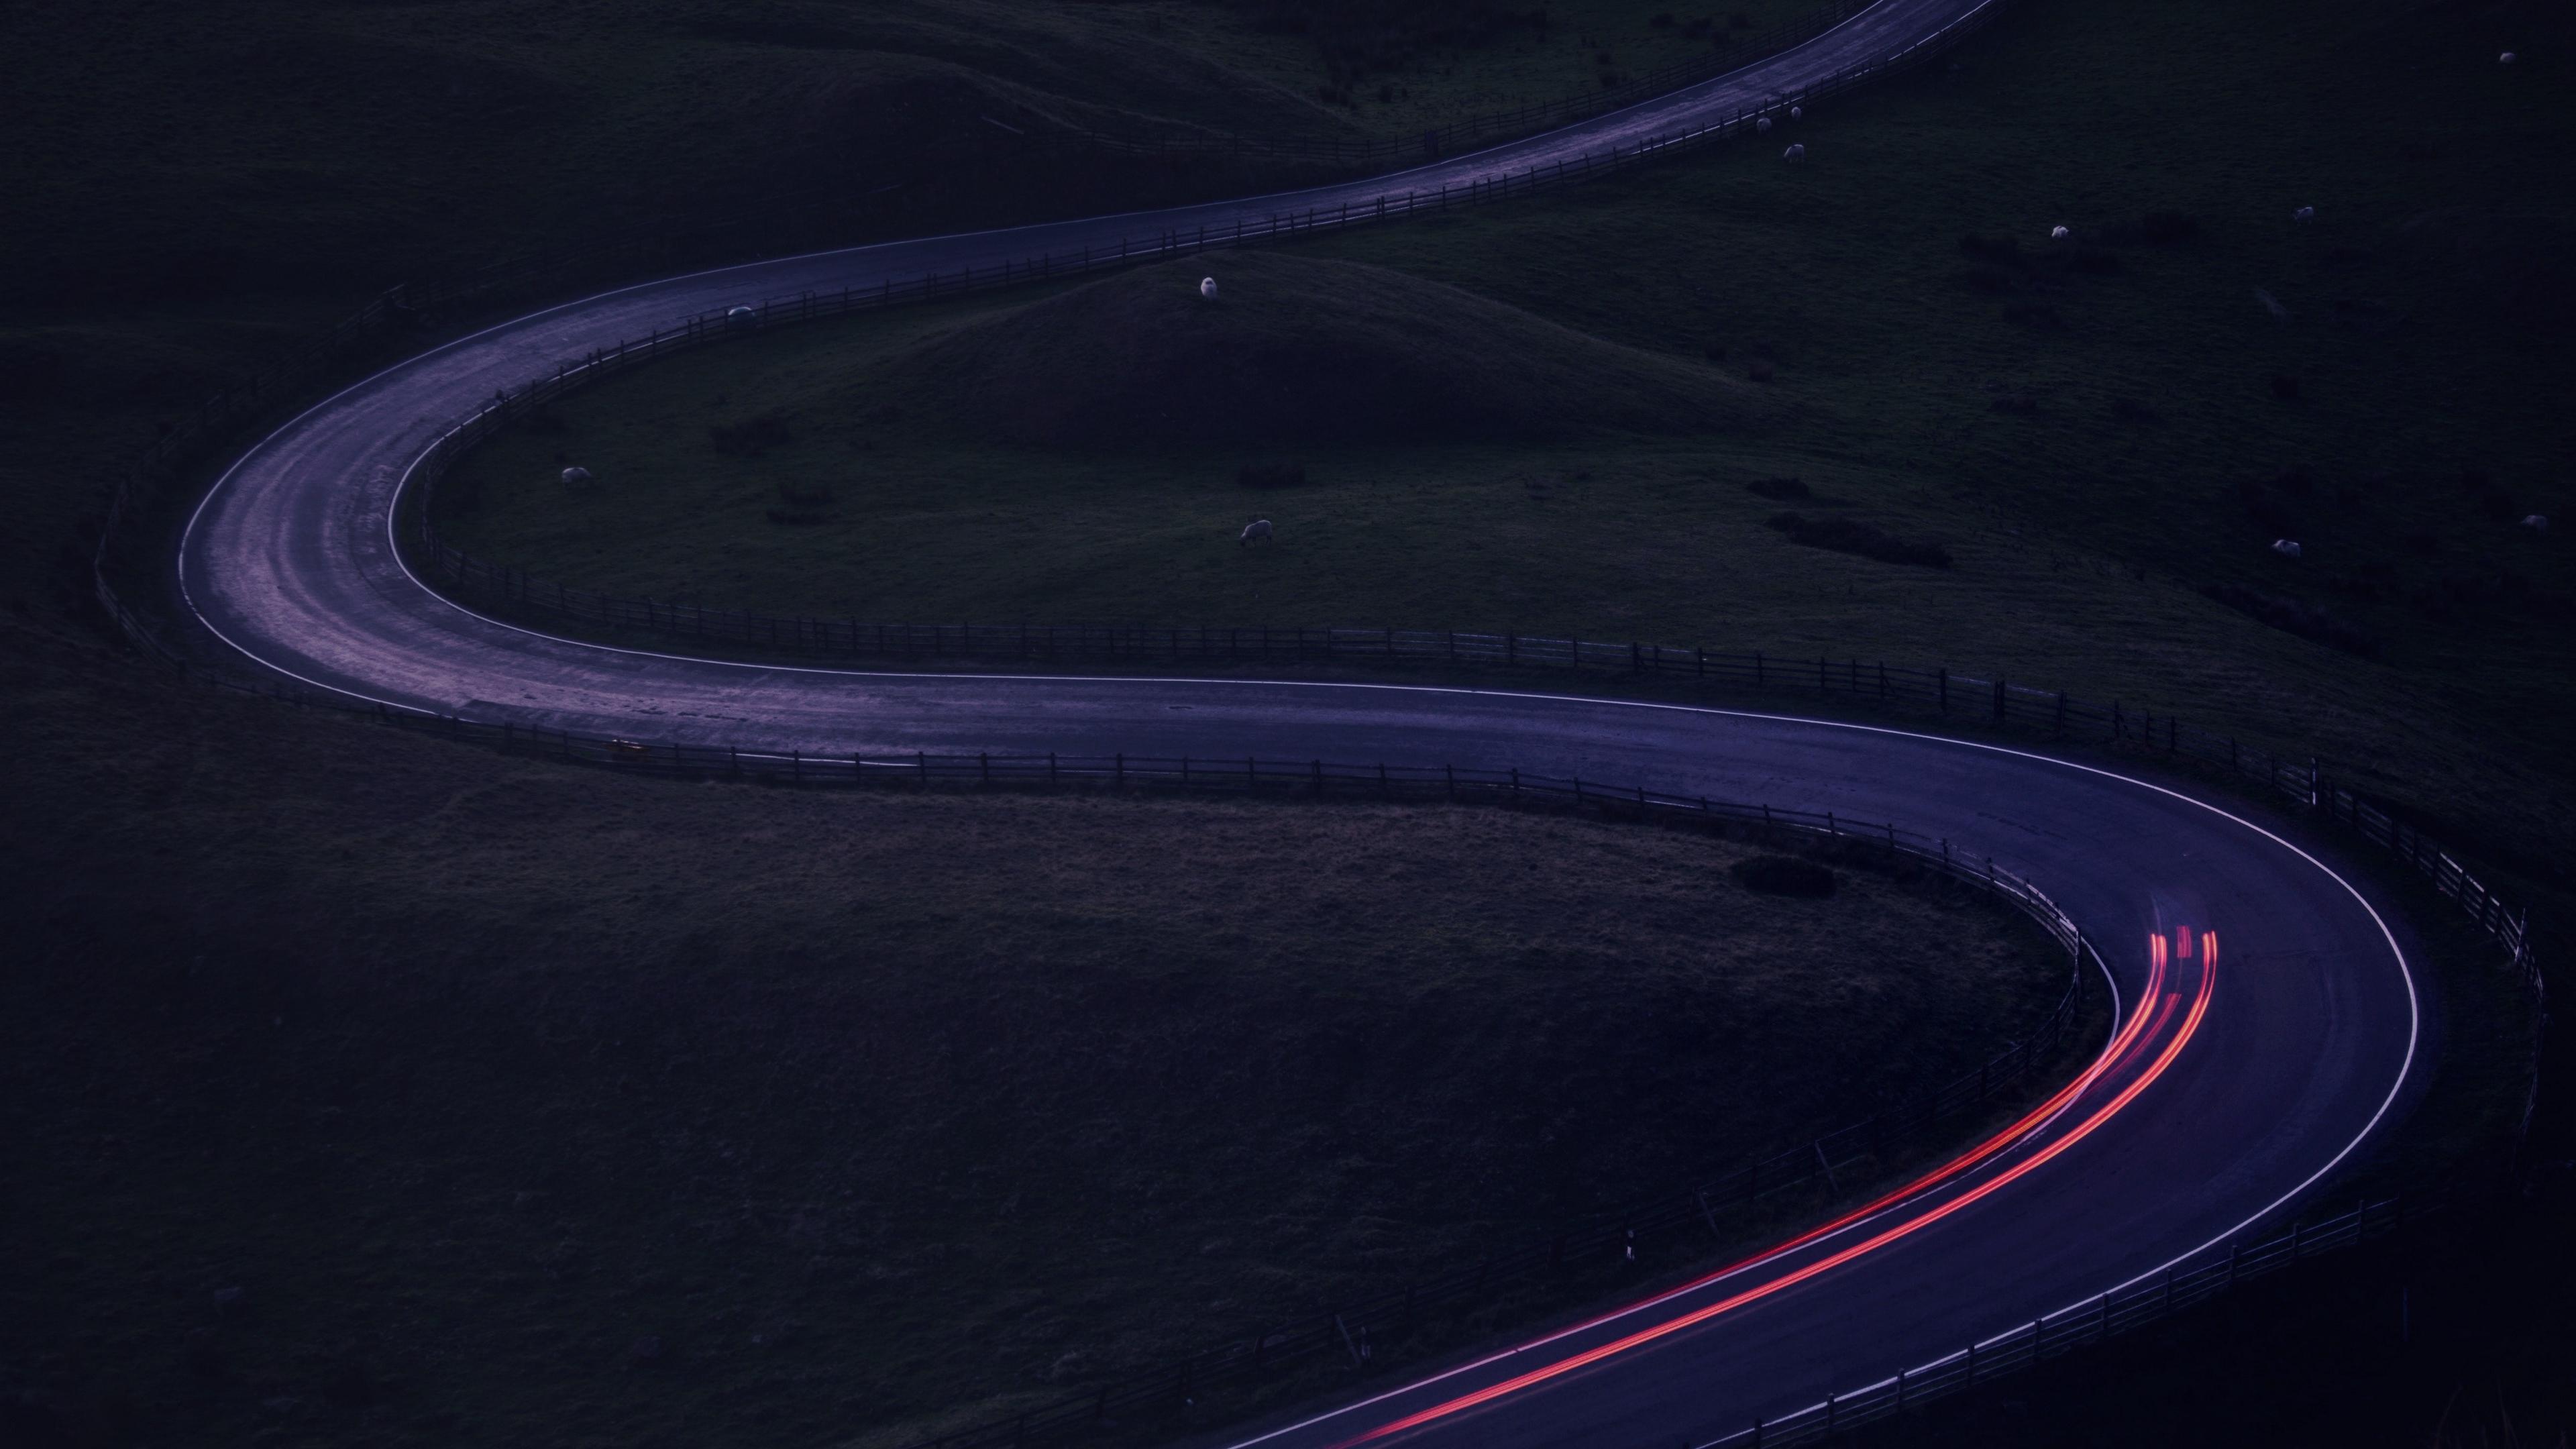 road twisty turn glow 4k 1541115787 - road, twisty, turn, glow 4k - twisty, turn, Road